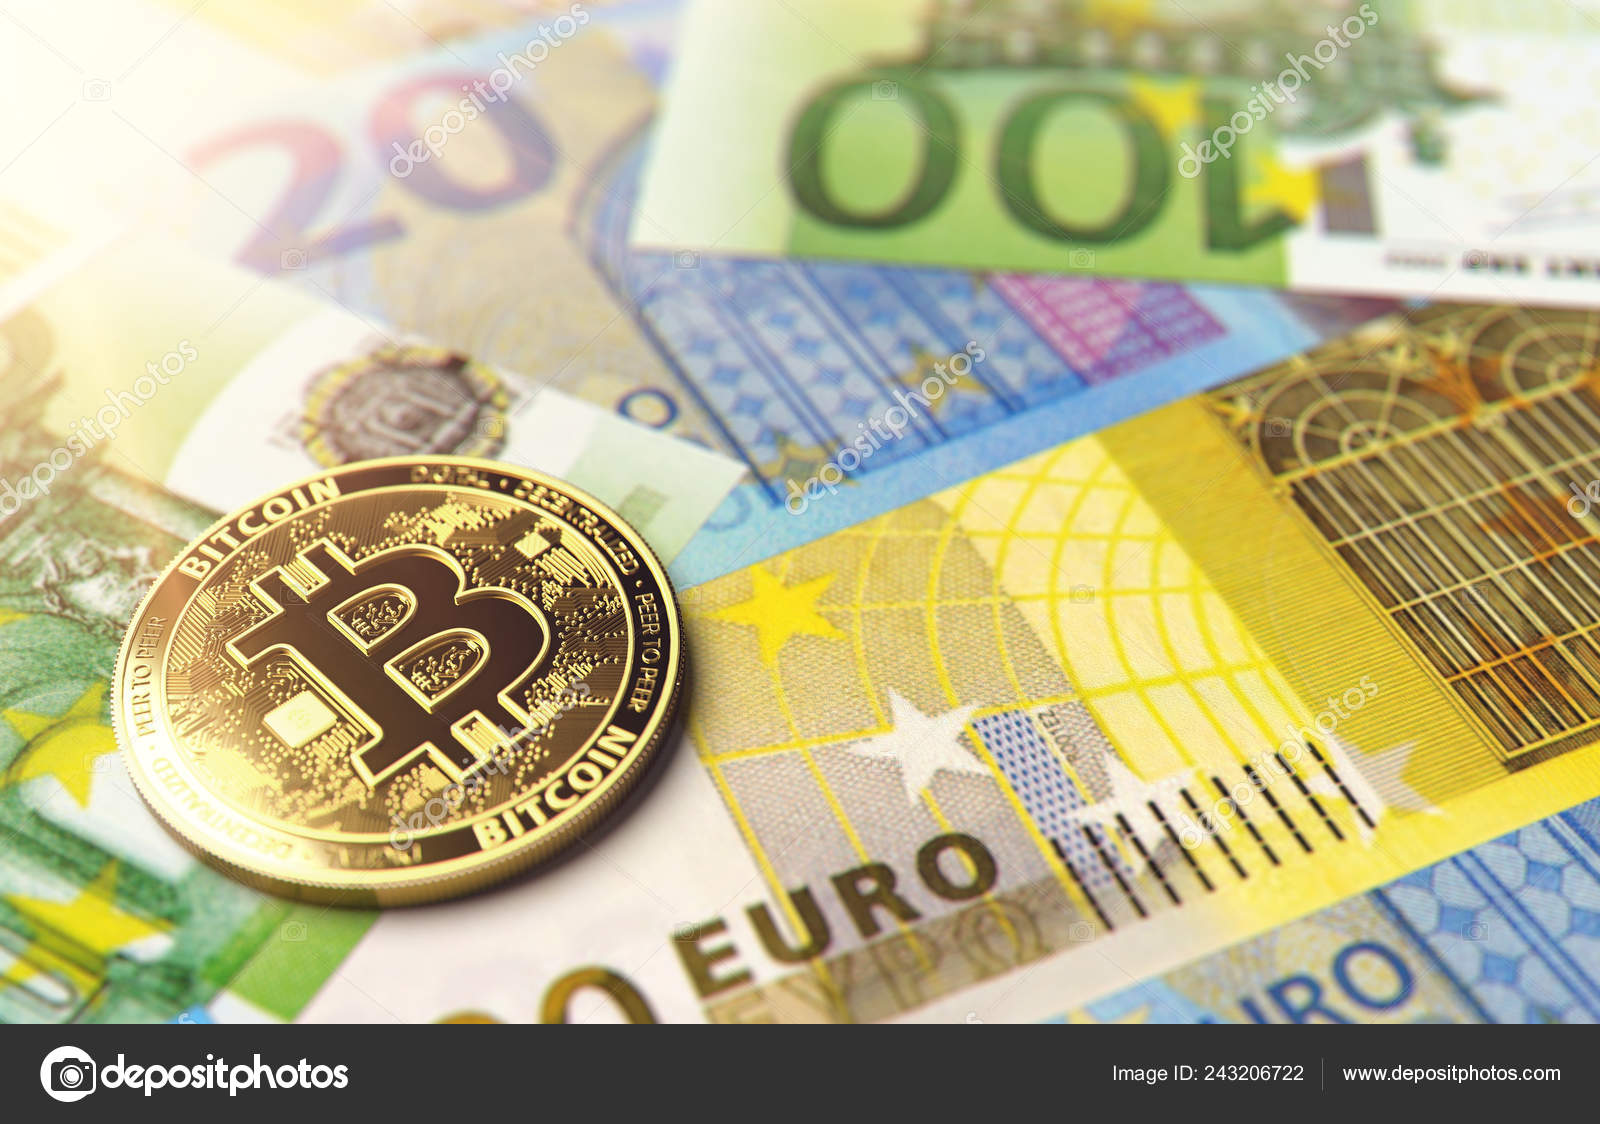 europe coin crypto